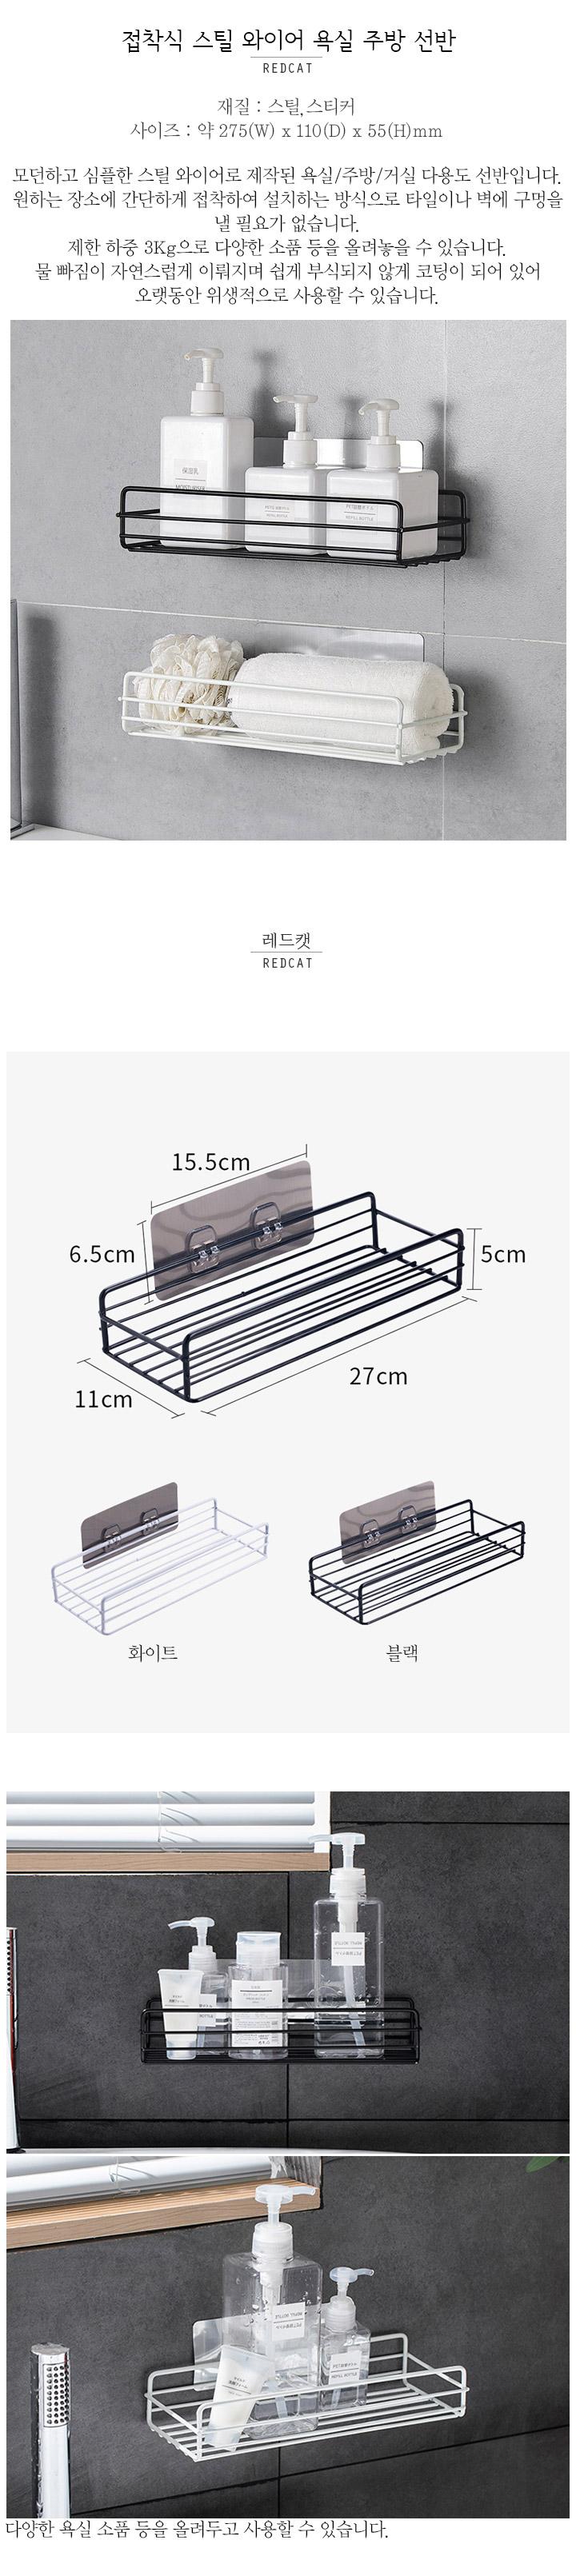 접착식 스틸 와이어 욕실 주방 선반 - 네코리빙, 3,920원, 정리용품/청소, 욕실선반/걸이